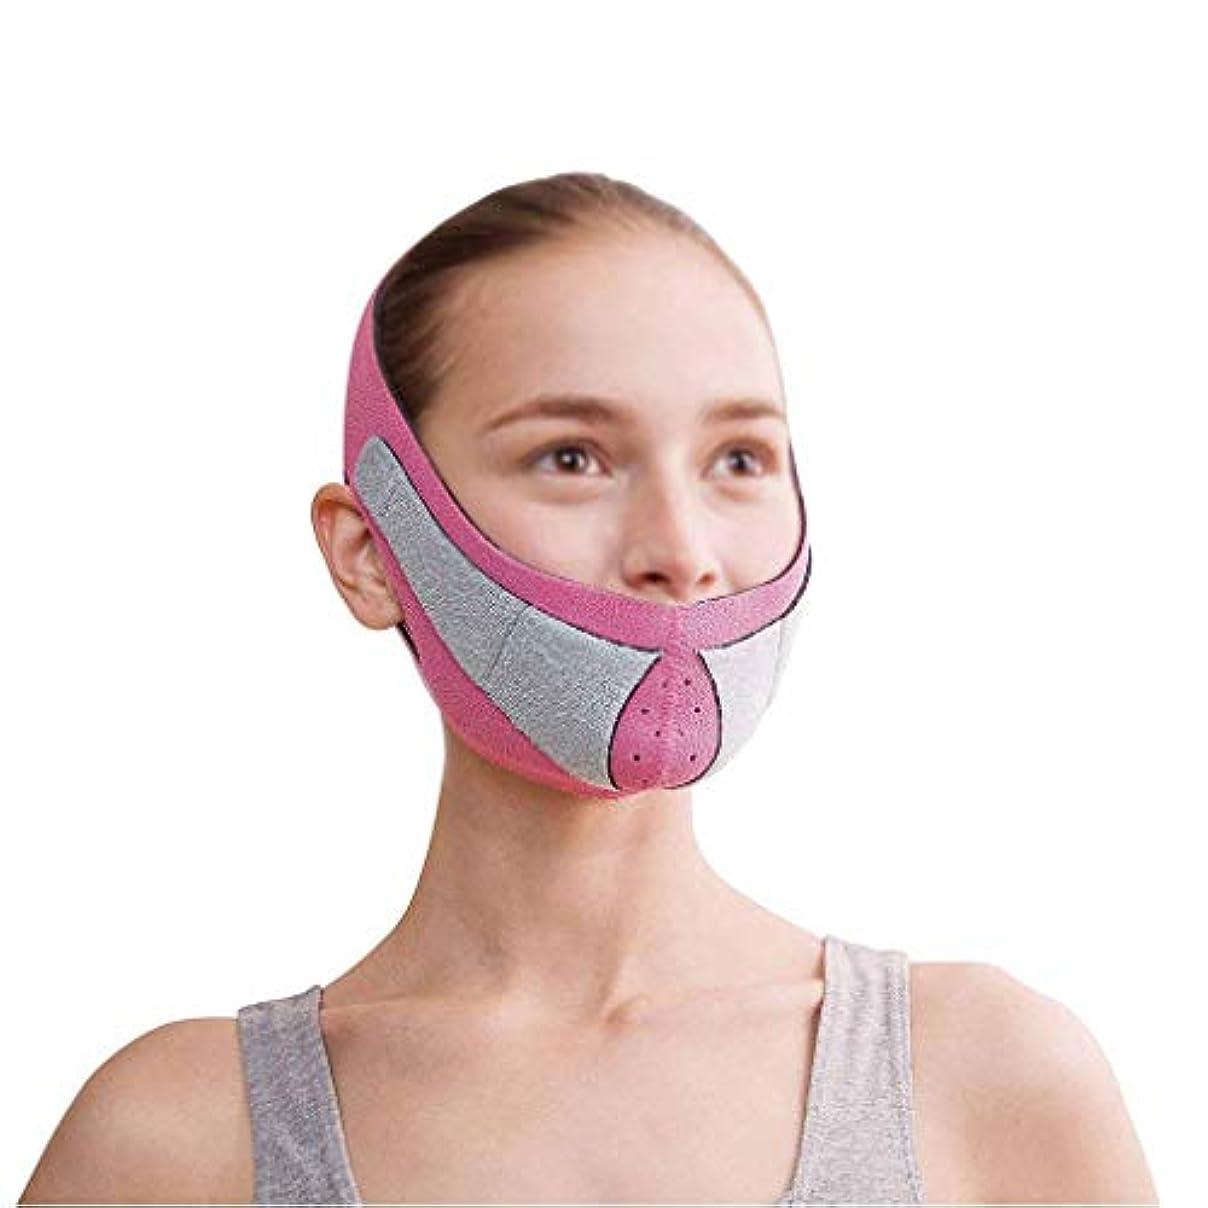 散文症状リストフェイスリフトマスク、たるみ防止除去法パターンフェイシャルリフティングリフティングマスク